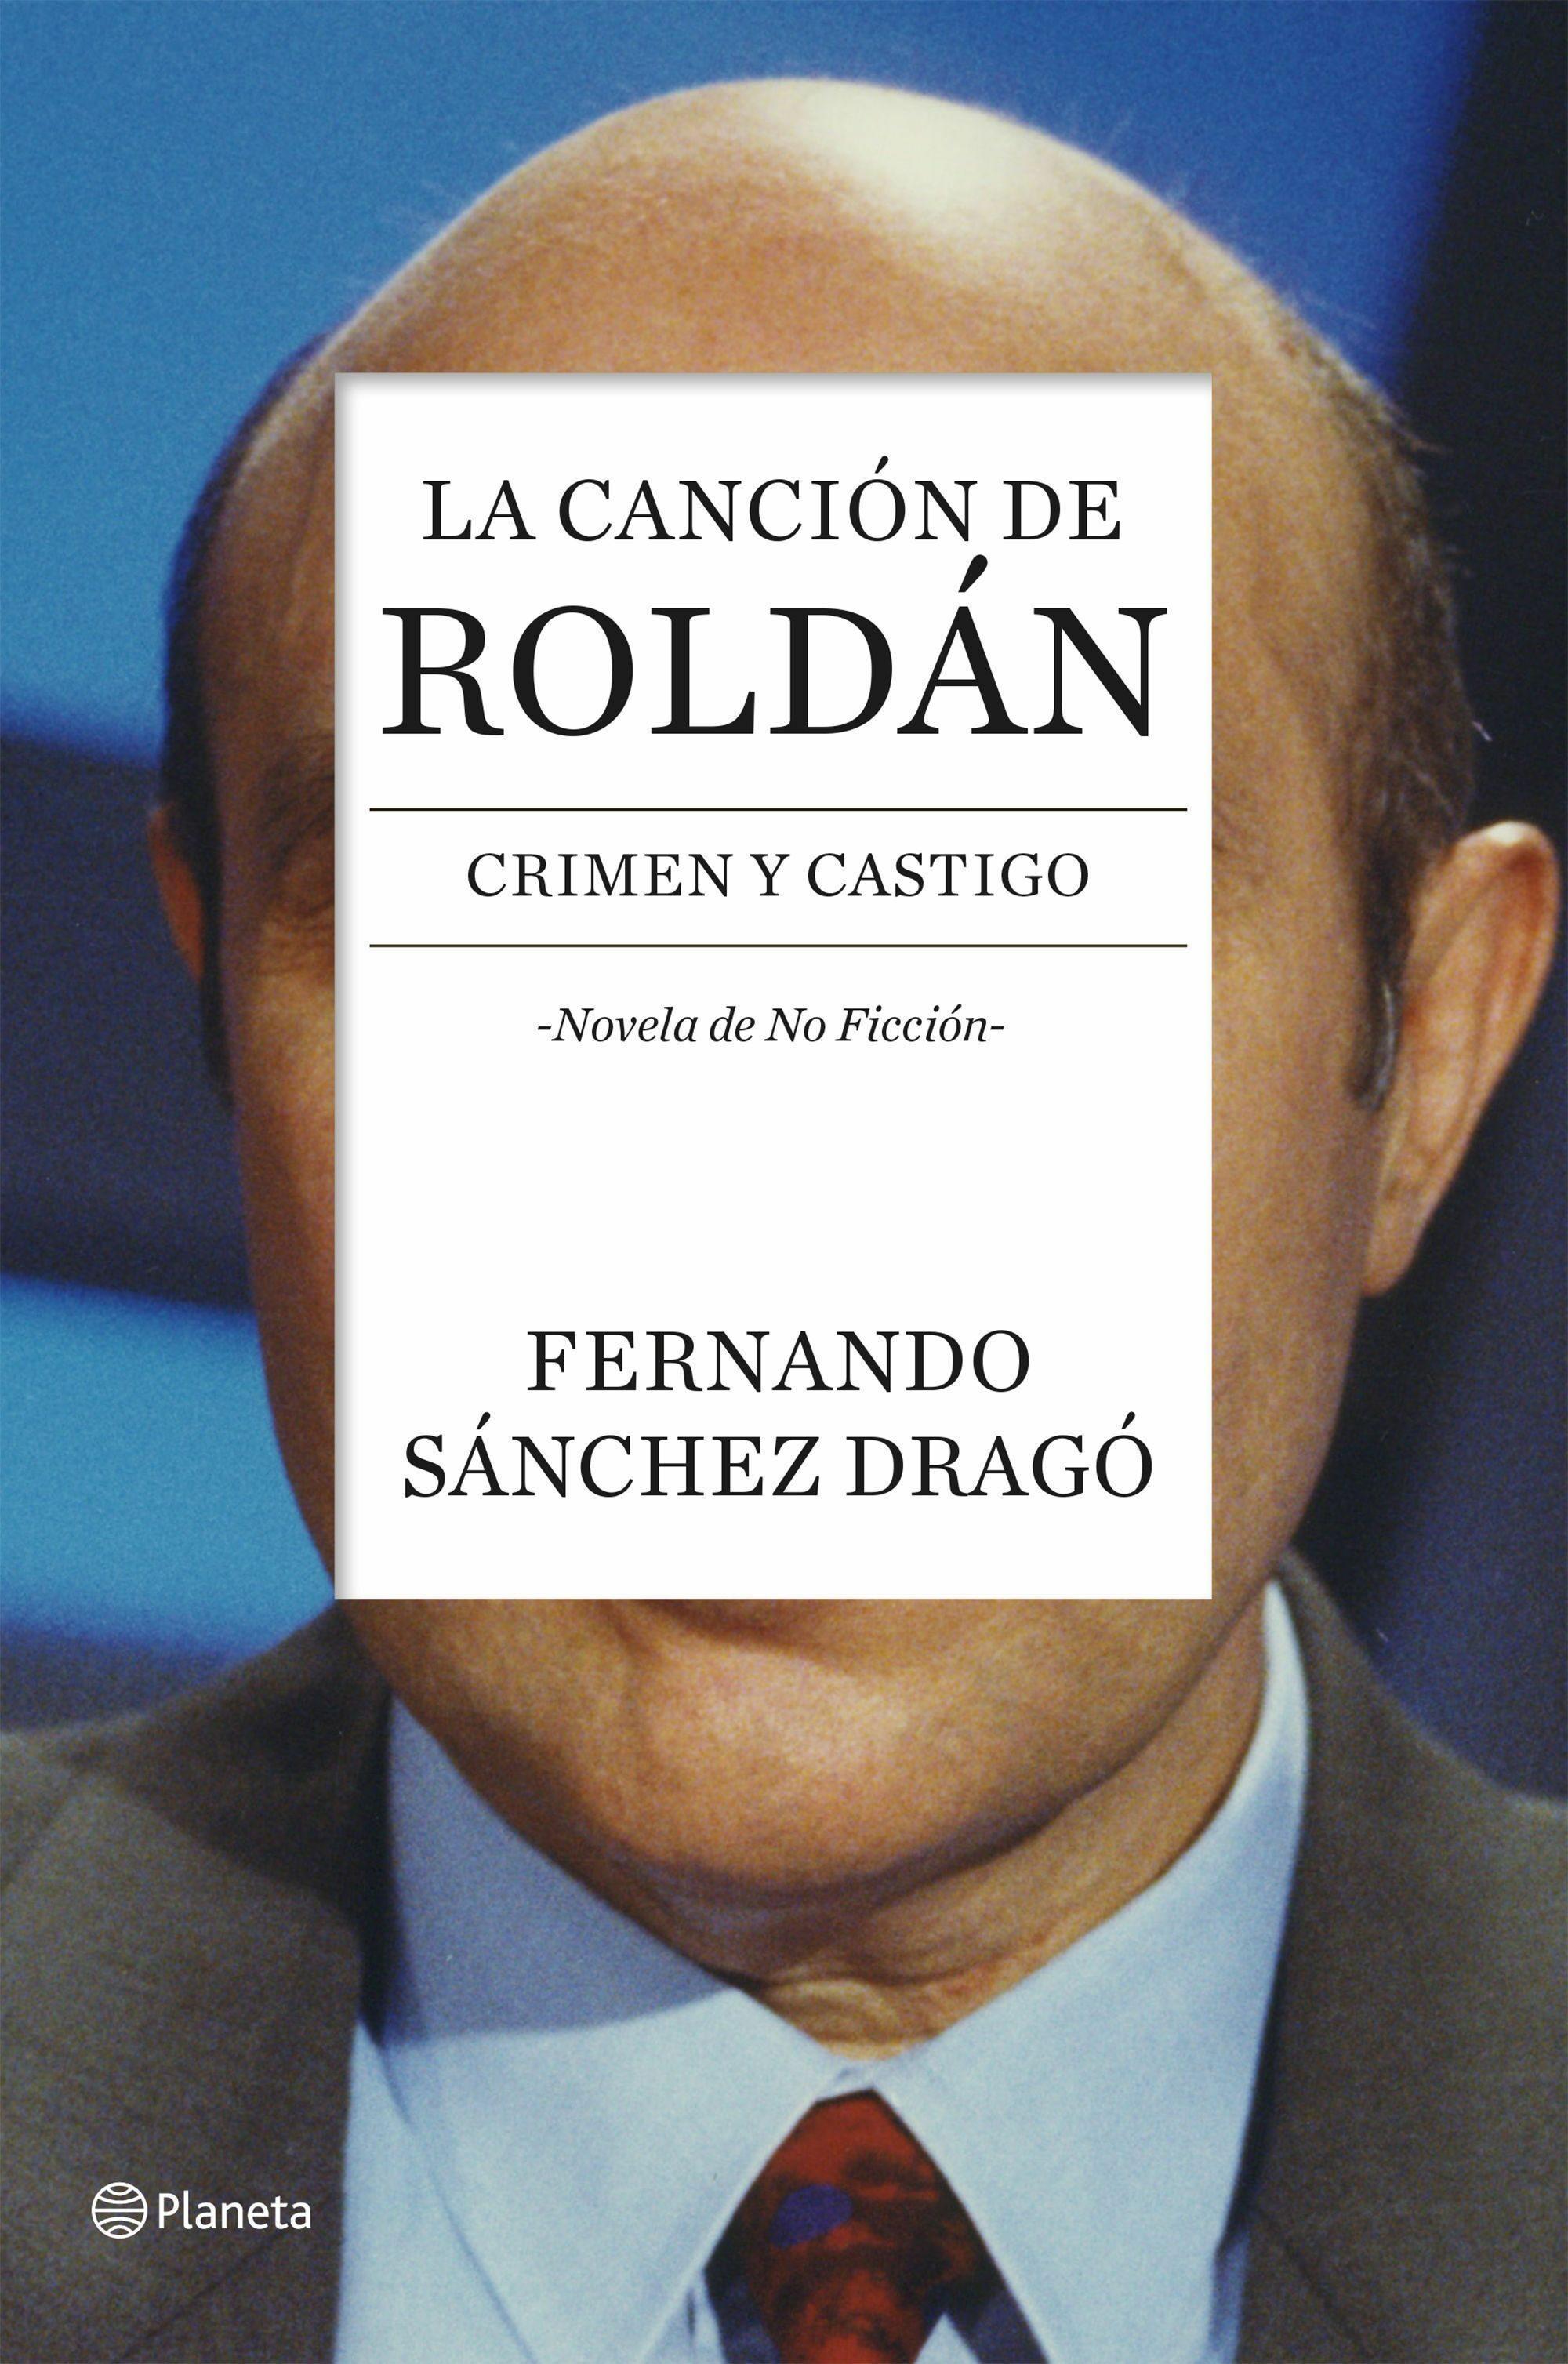 La cancion de roldan crimen y castigo fernando sanchez drago 9788408136743